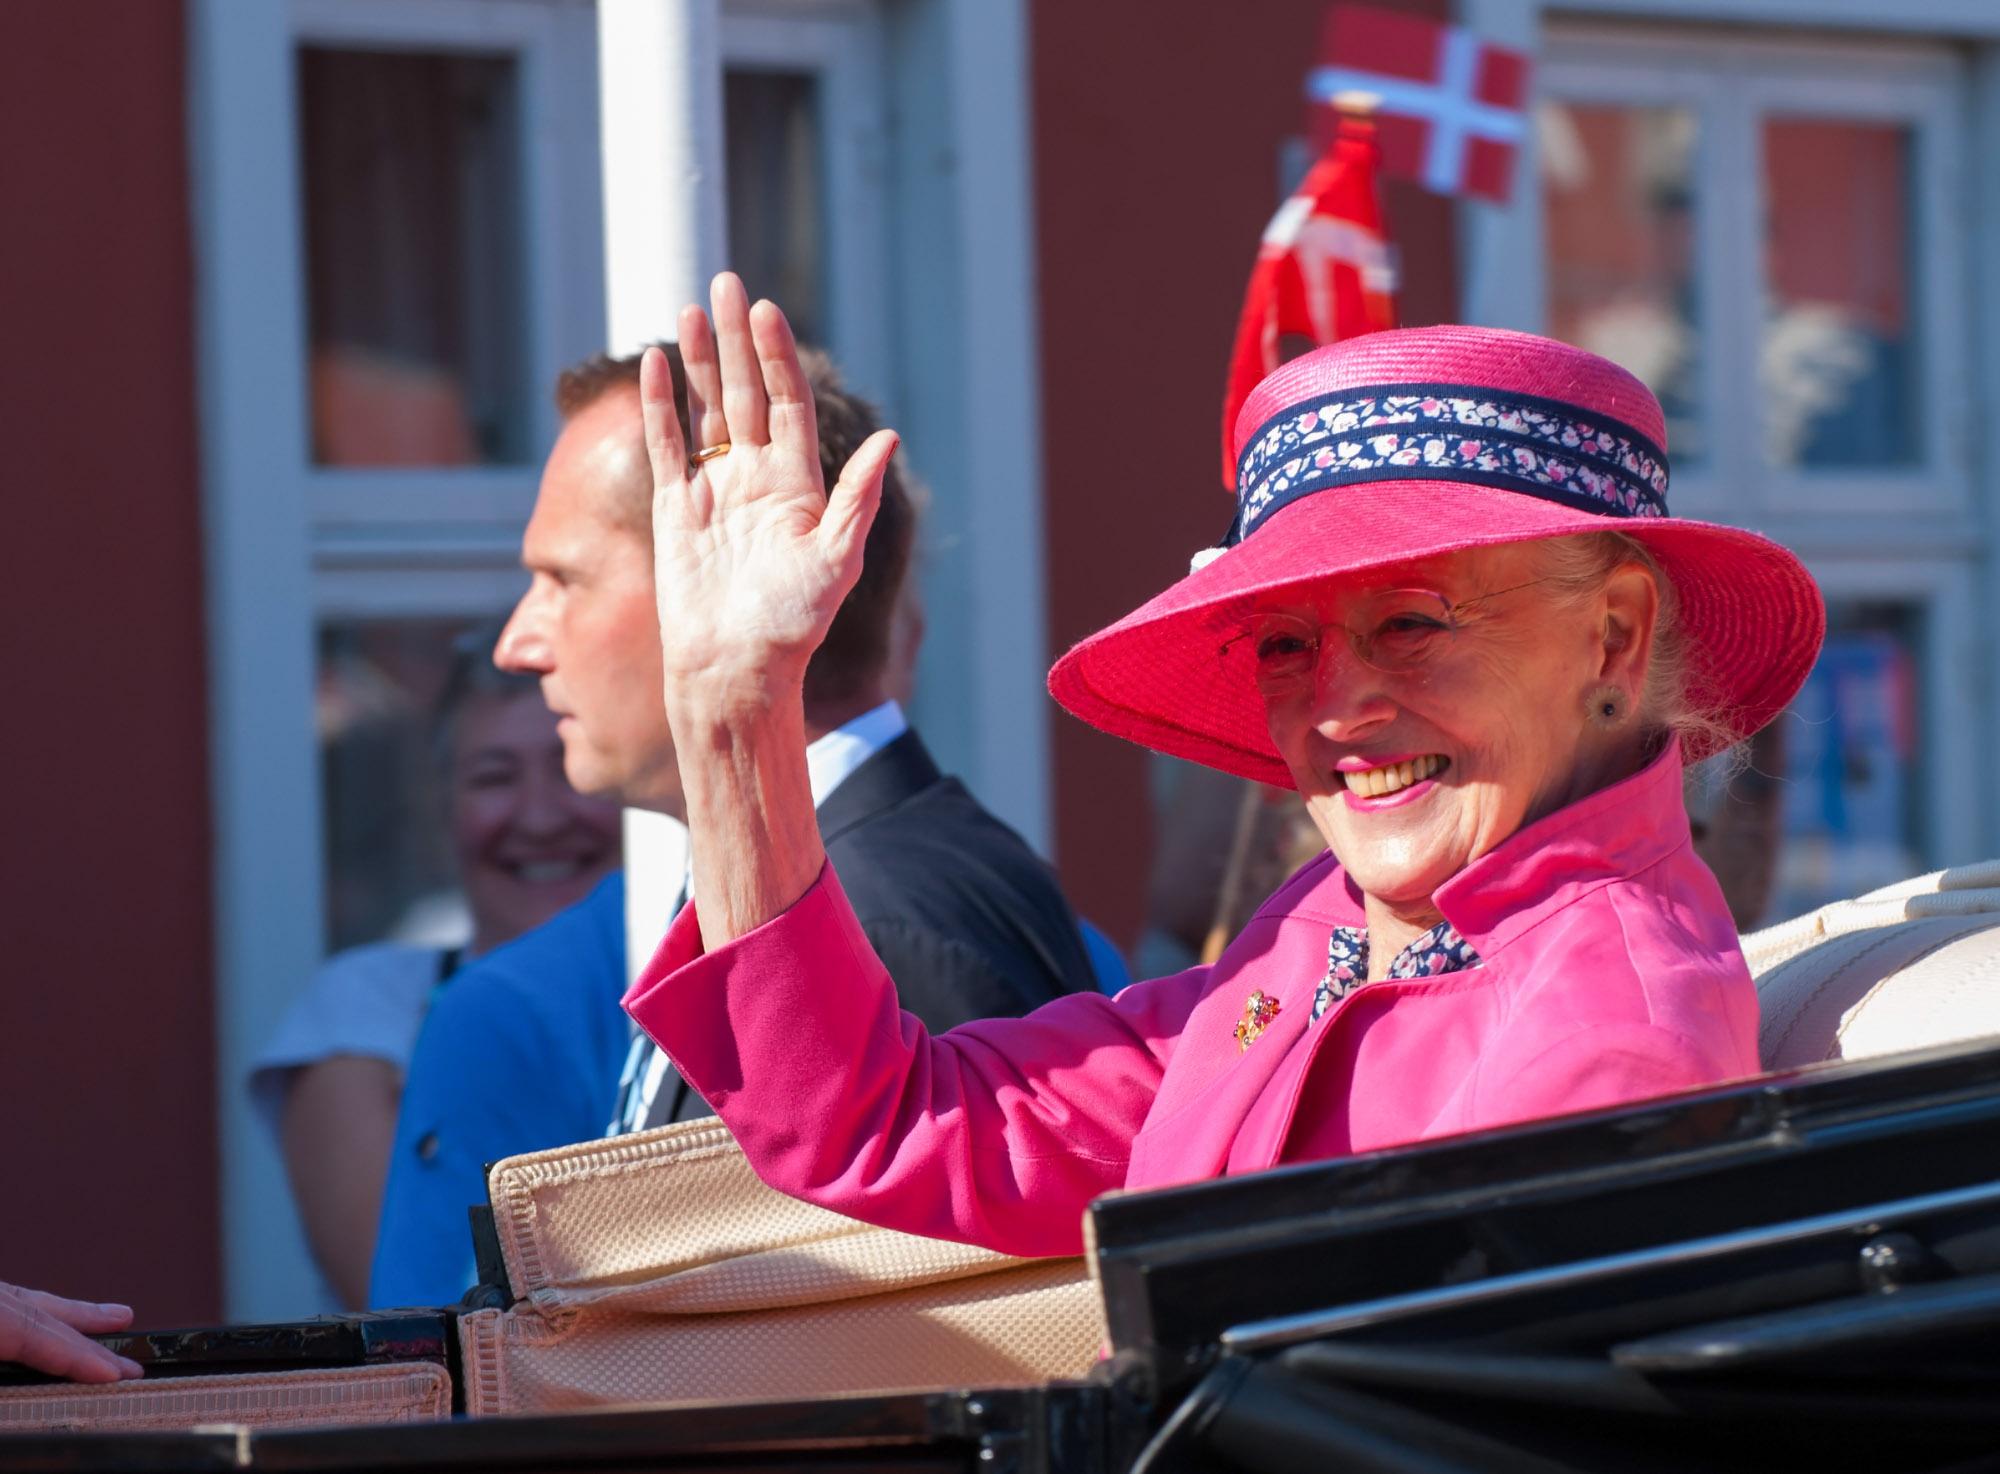 Rudkøbing Handelstandsforening - Dronning Margrethe på besøg